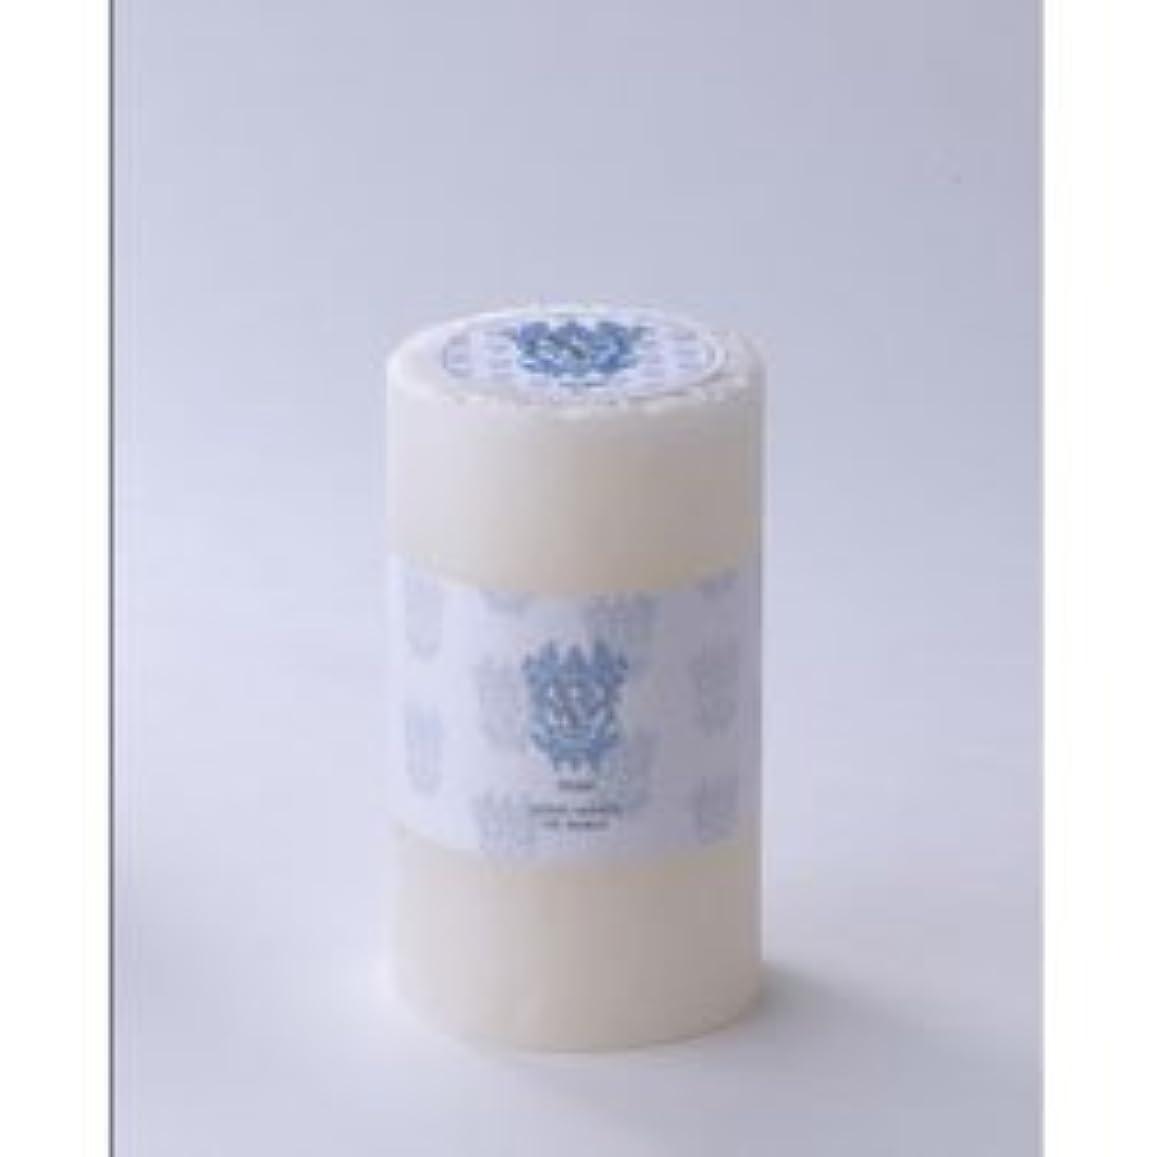 談話ぴったりアルファベットビクトリアン ピラーキャンドル Victorian pillar candle S ピュア